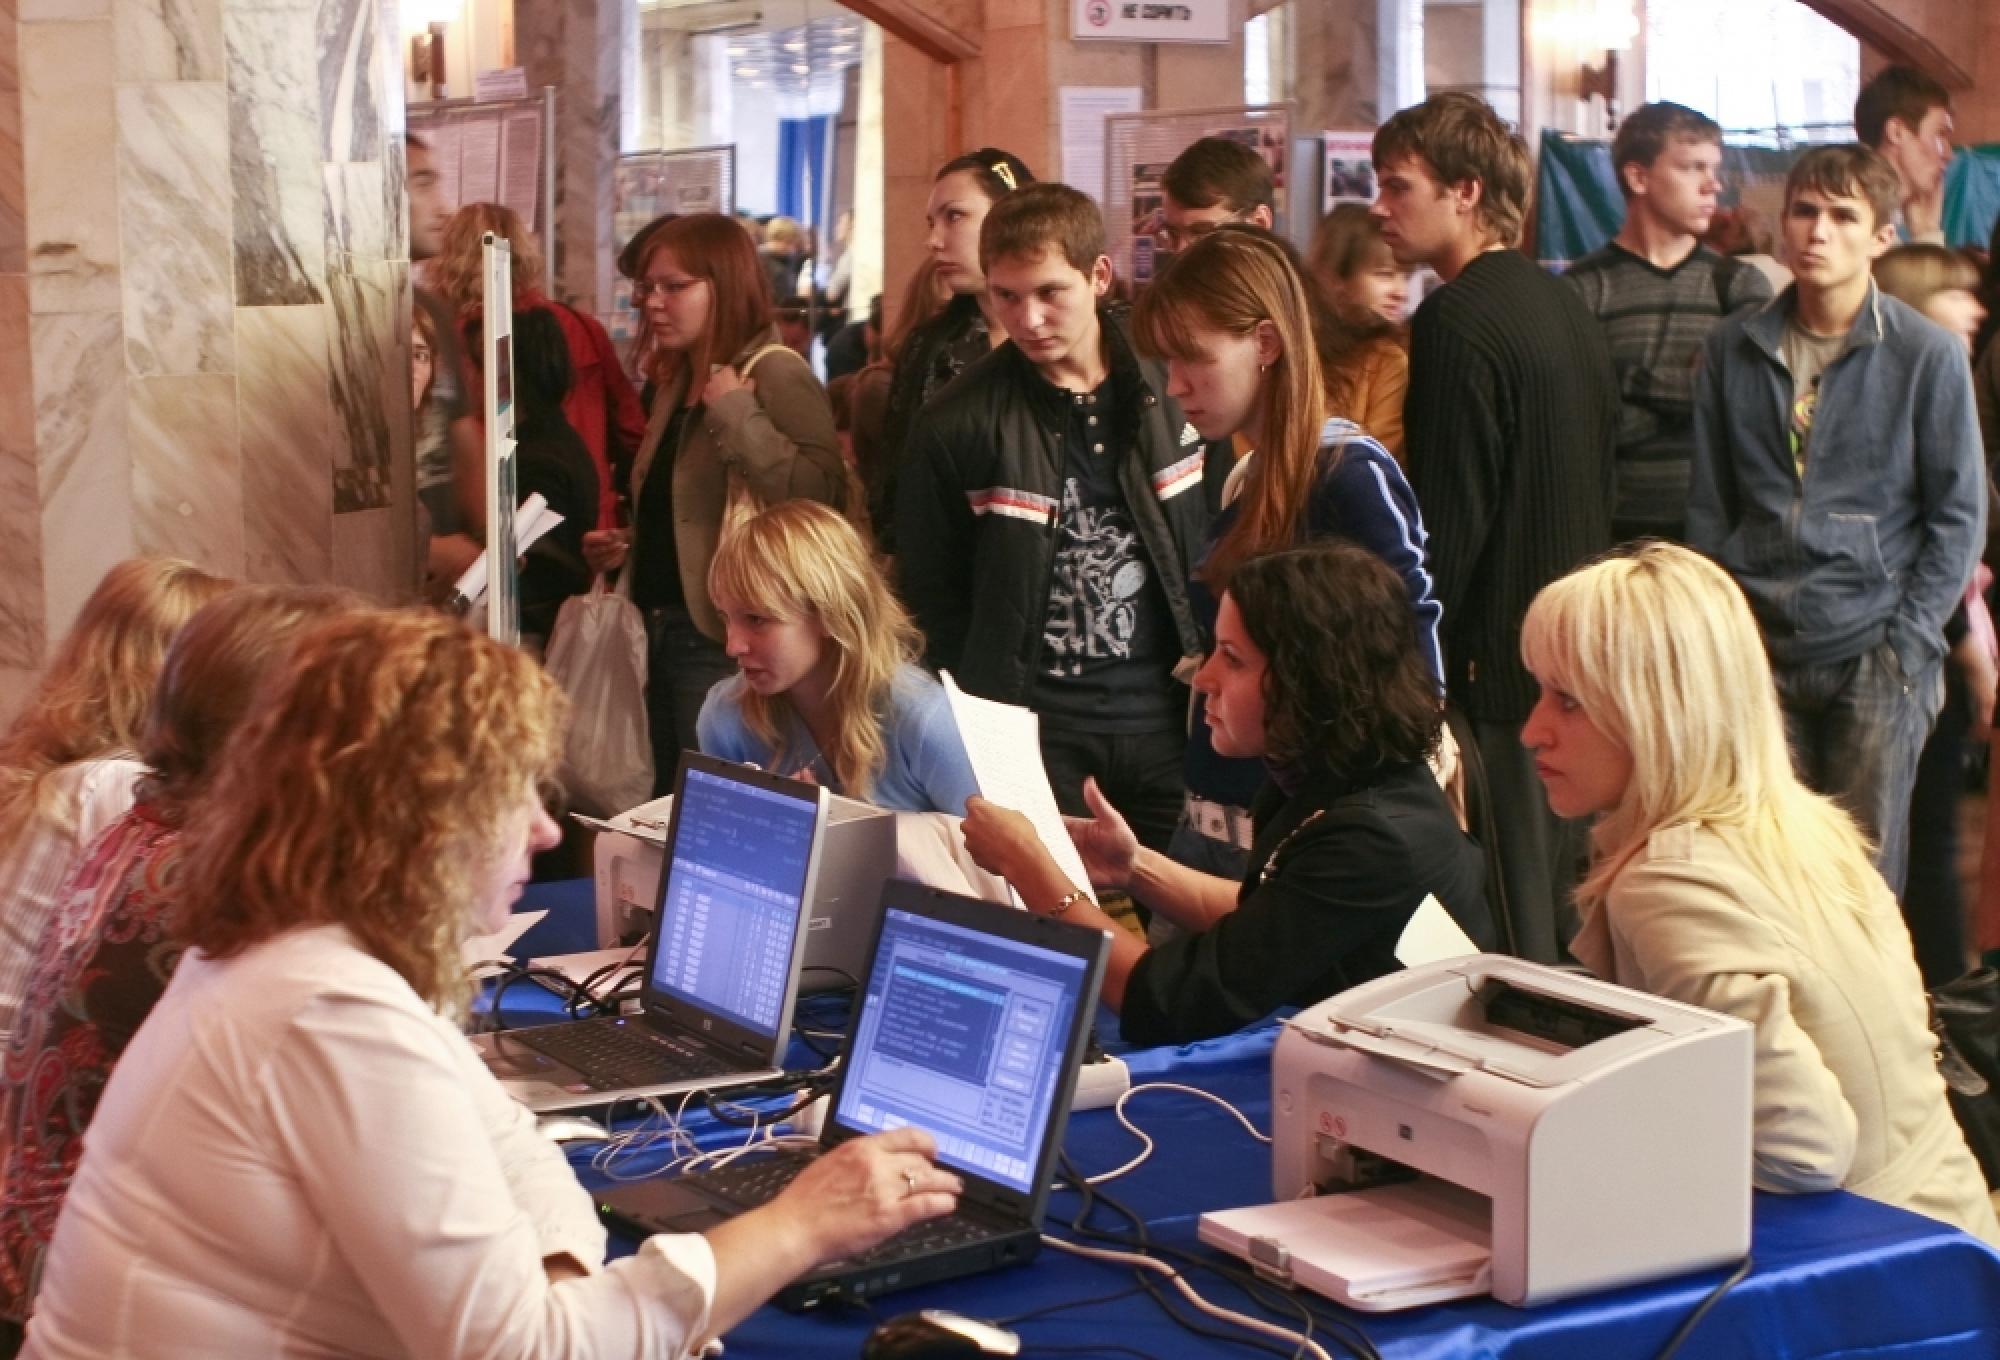 Как минимум 5-ти вакансий приходится накаждого безработного в российской столице